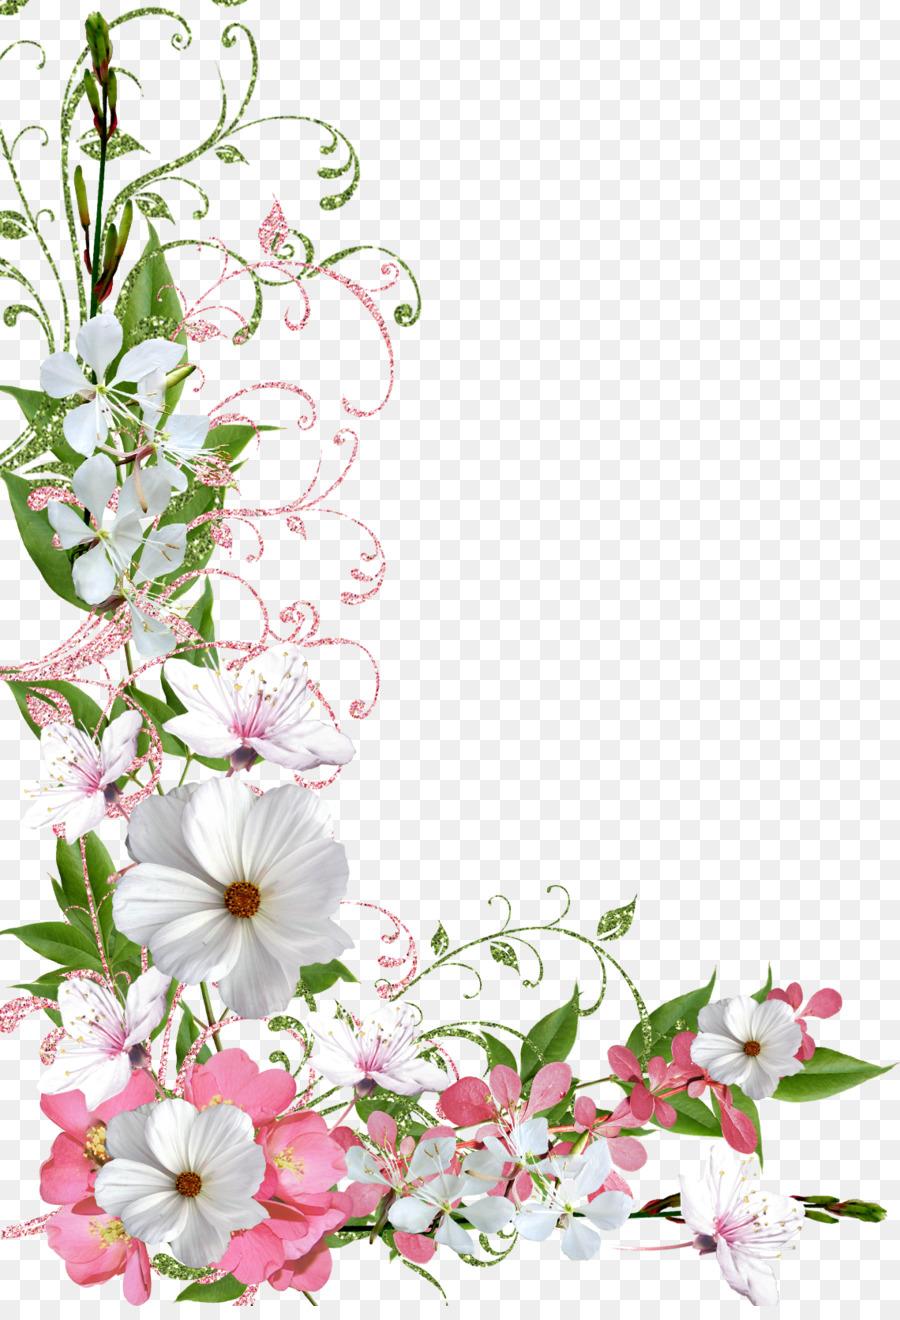 Descarga gratuita de Frontera Flores, Flor, La Primavera Imágen de Png